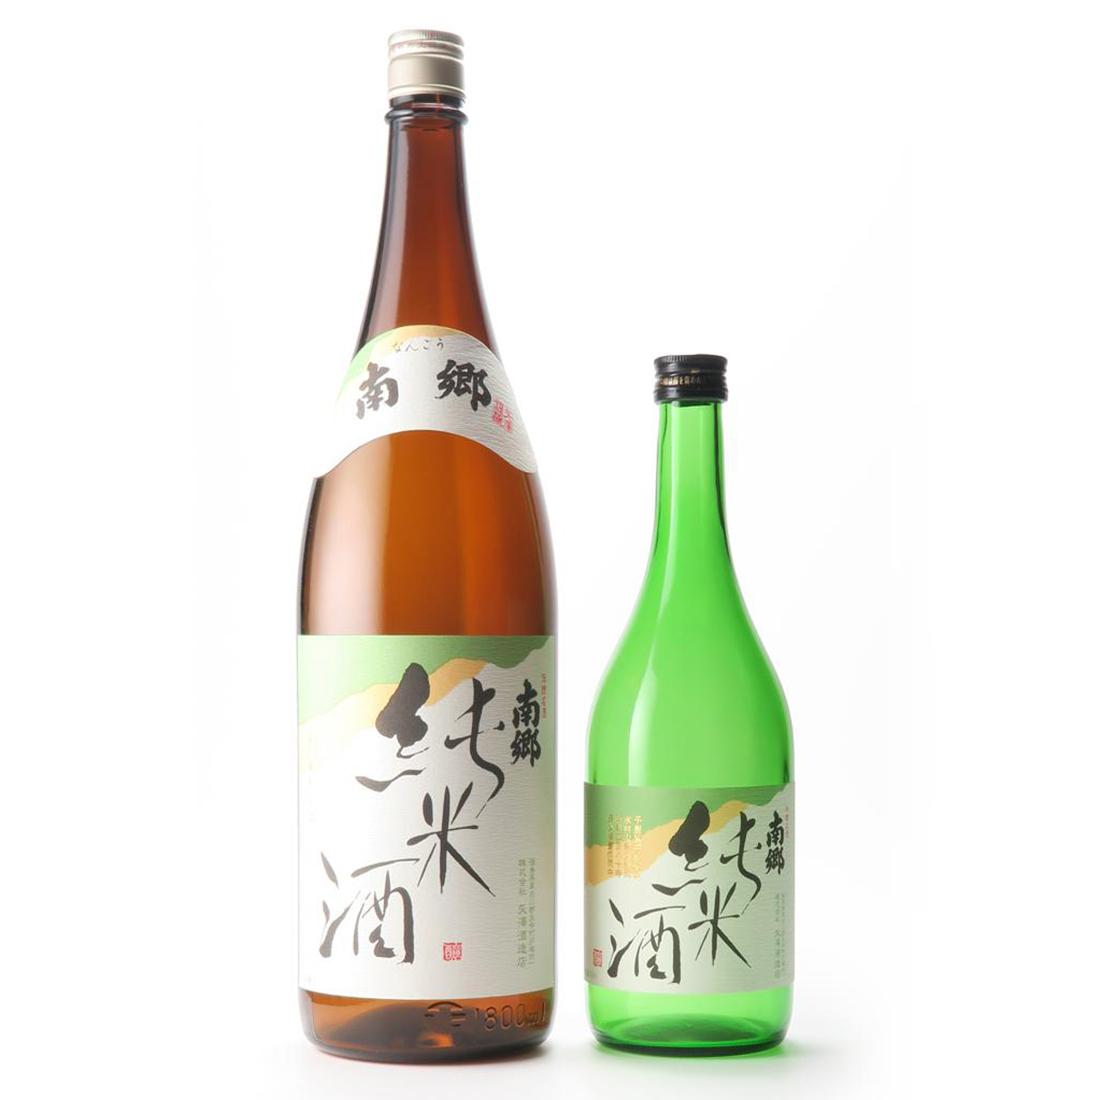 南郷 純米酒